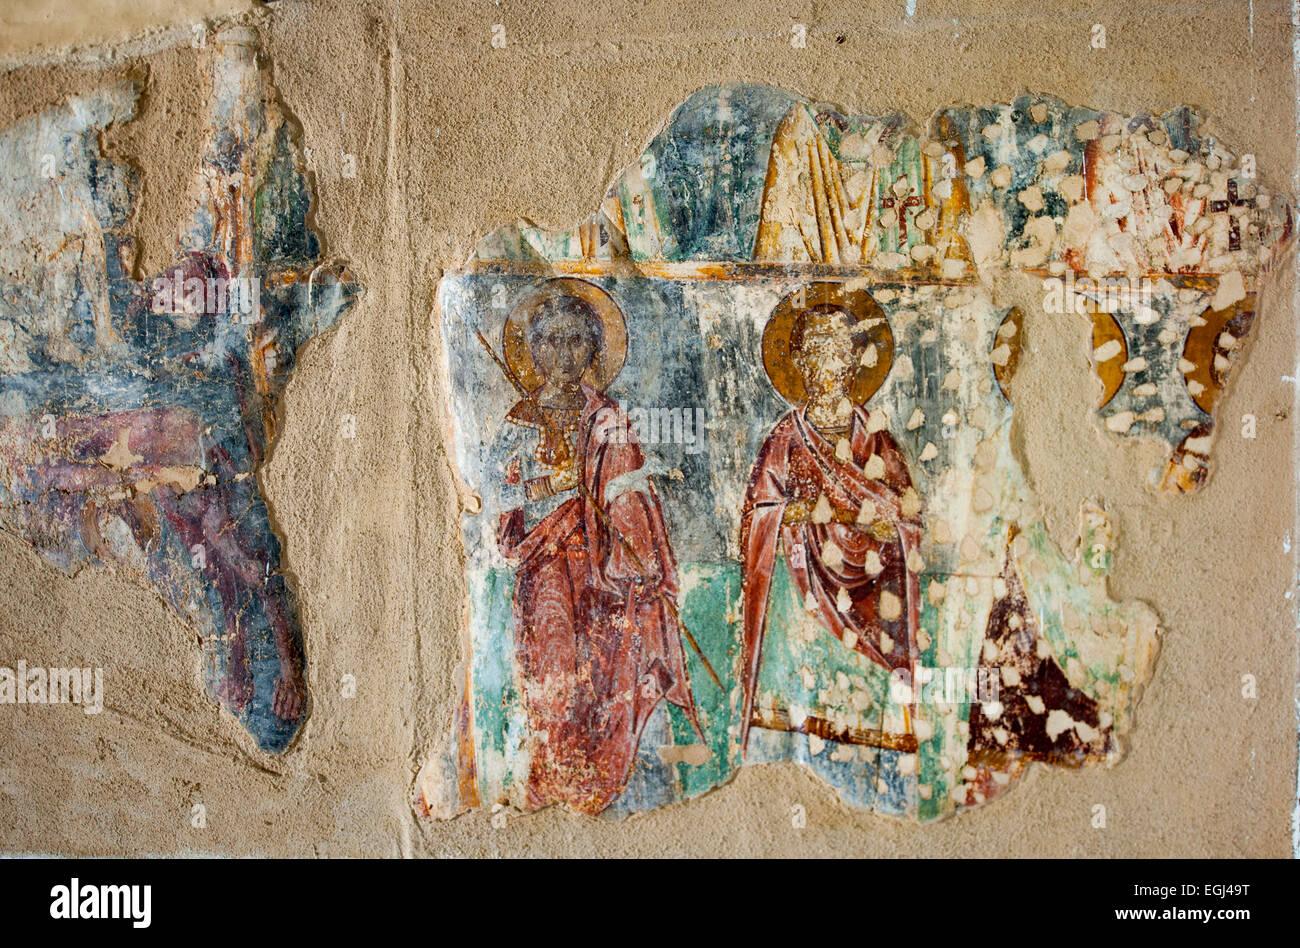 Griechenland, Kastellorizo, Insel-Museum, Archäologisches Museum, Fresken aus einer Inselkirche - Stock Image